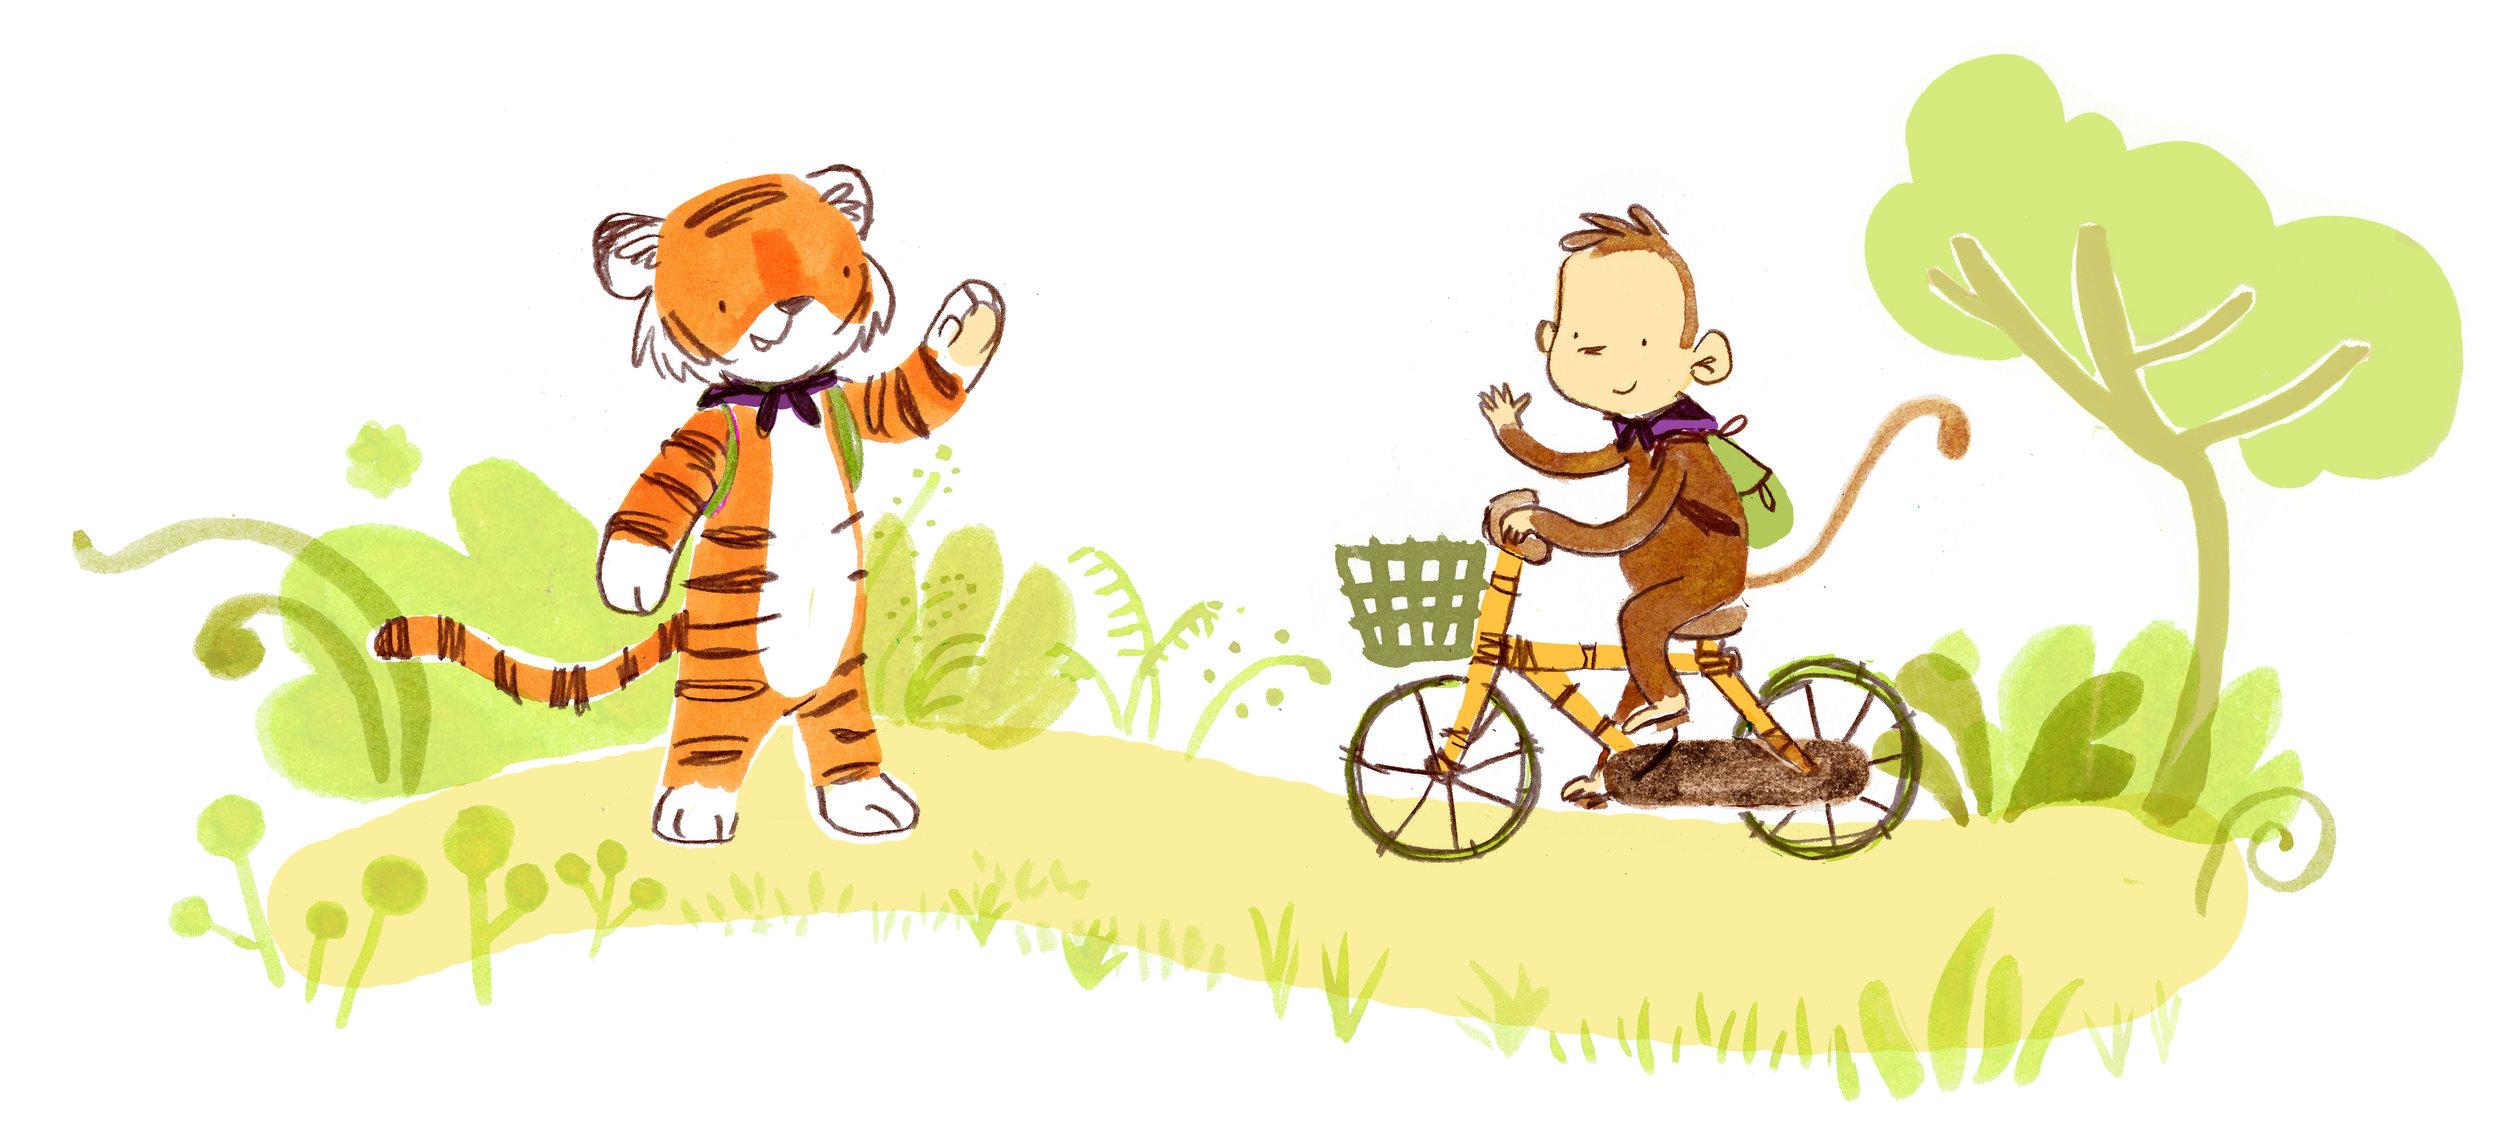 Tiger monkey bike 2.jpg